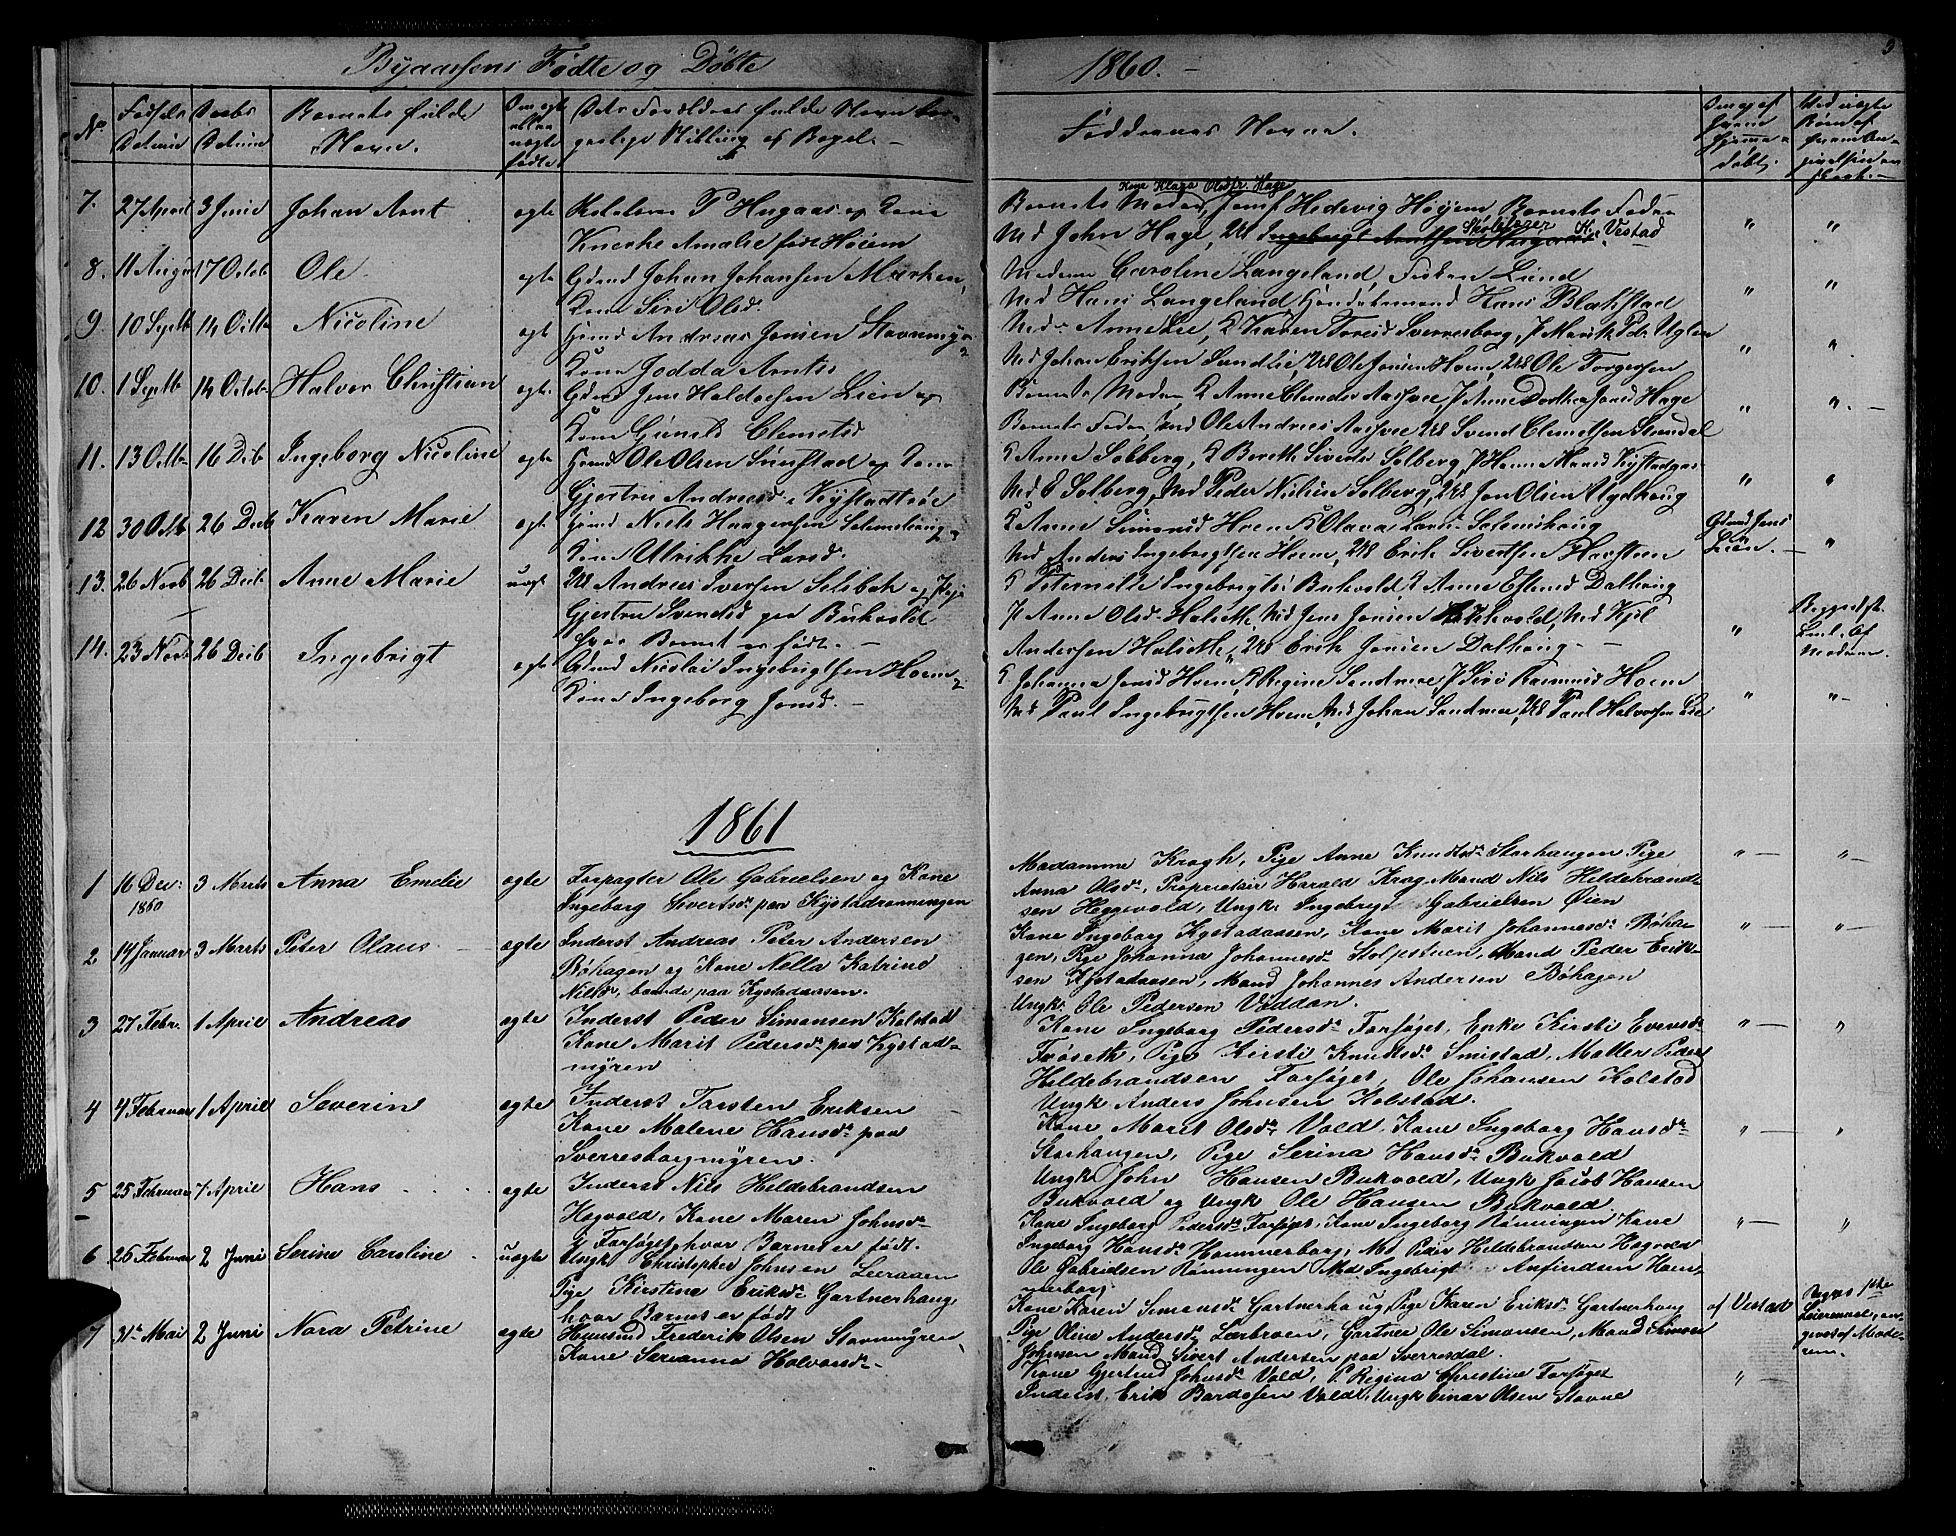 SAT, Ministerialprotokoller, klokkerbøker og fødselsregistre - Sør-Trøndelag, 611/L0353: Klokkerbok nr. 611C01, 1854-1881, s. 5